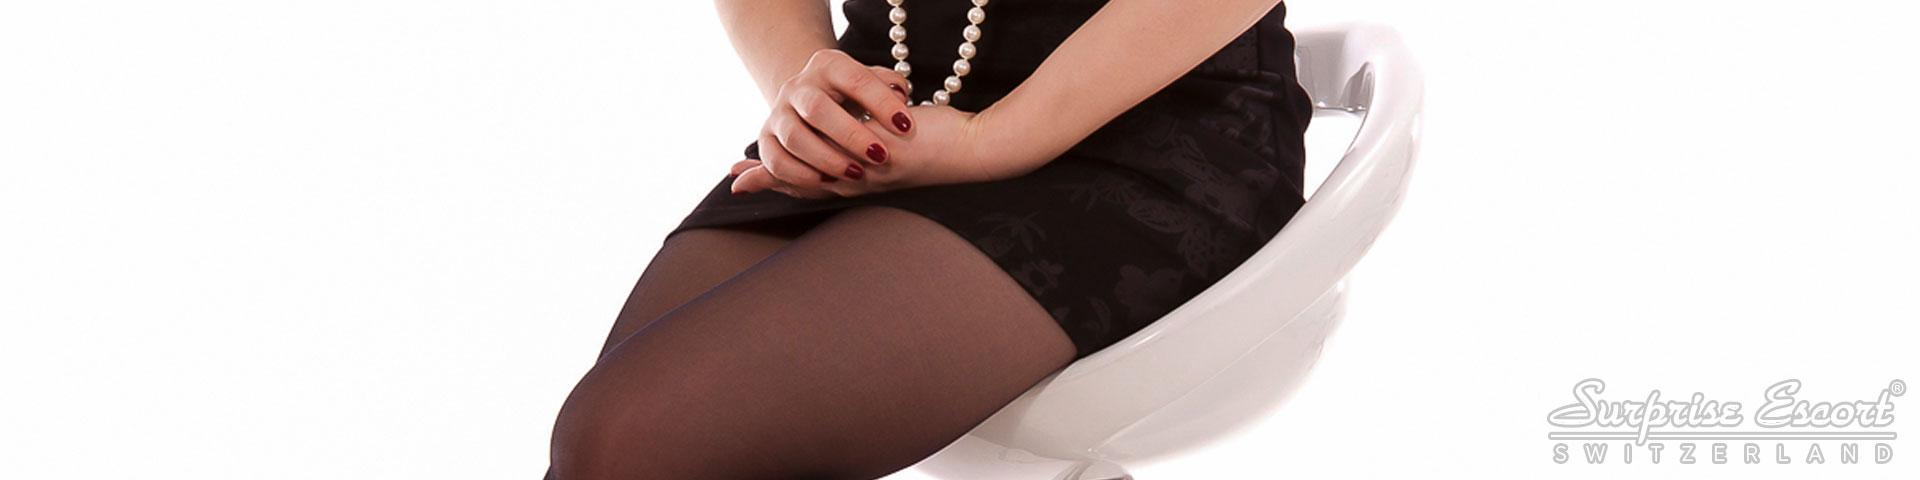 sex tube film erotische massage aan huis